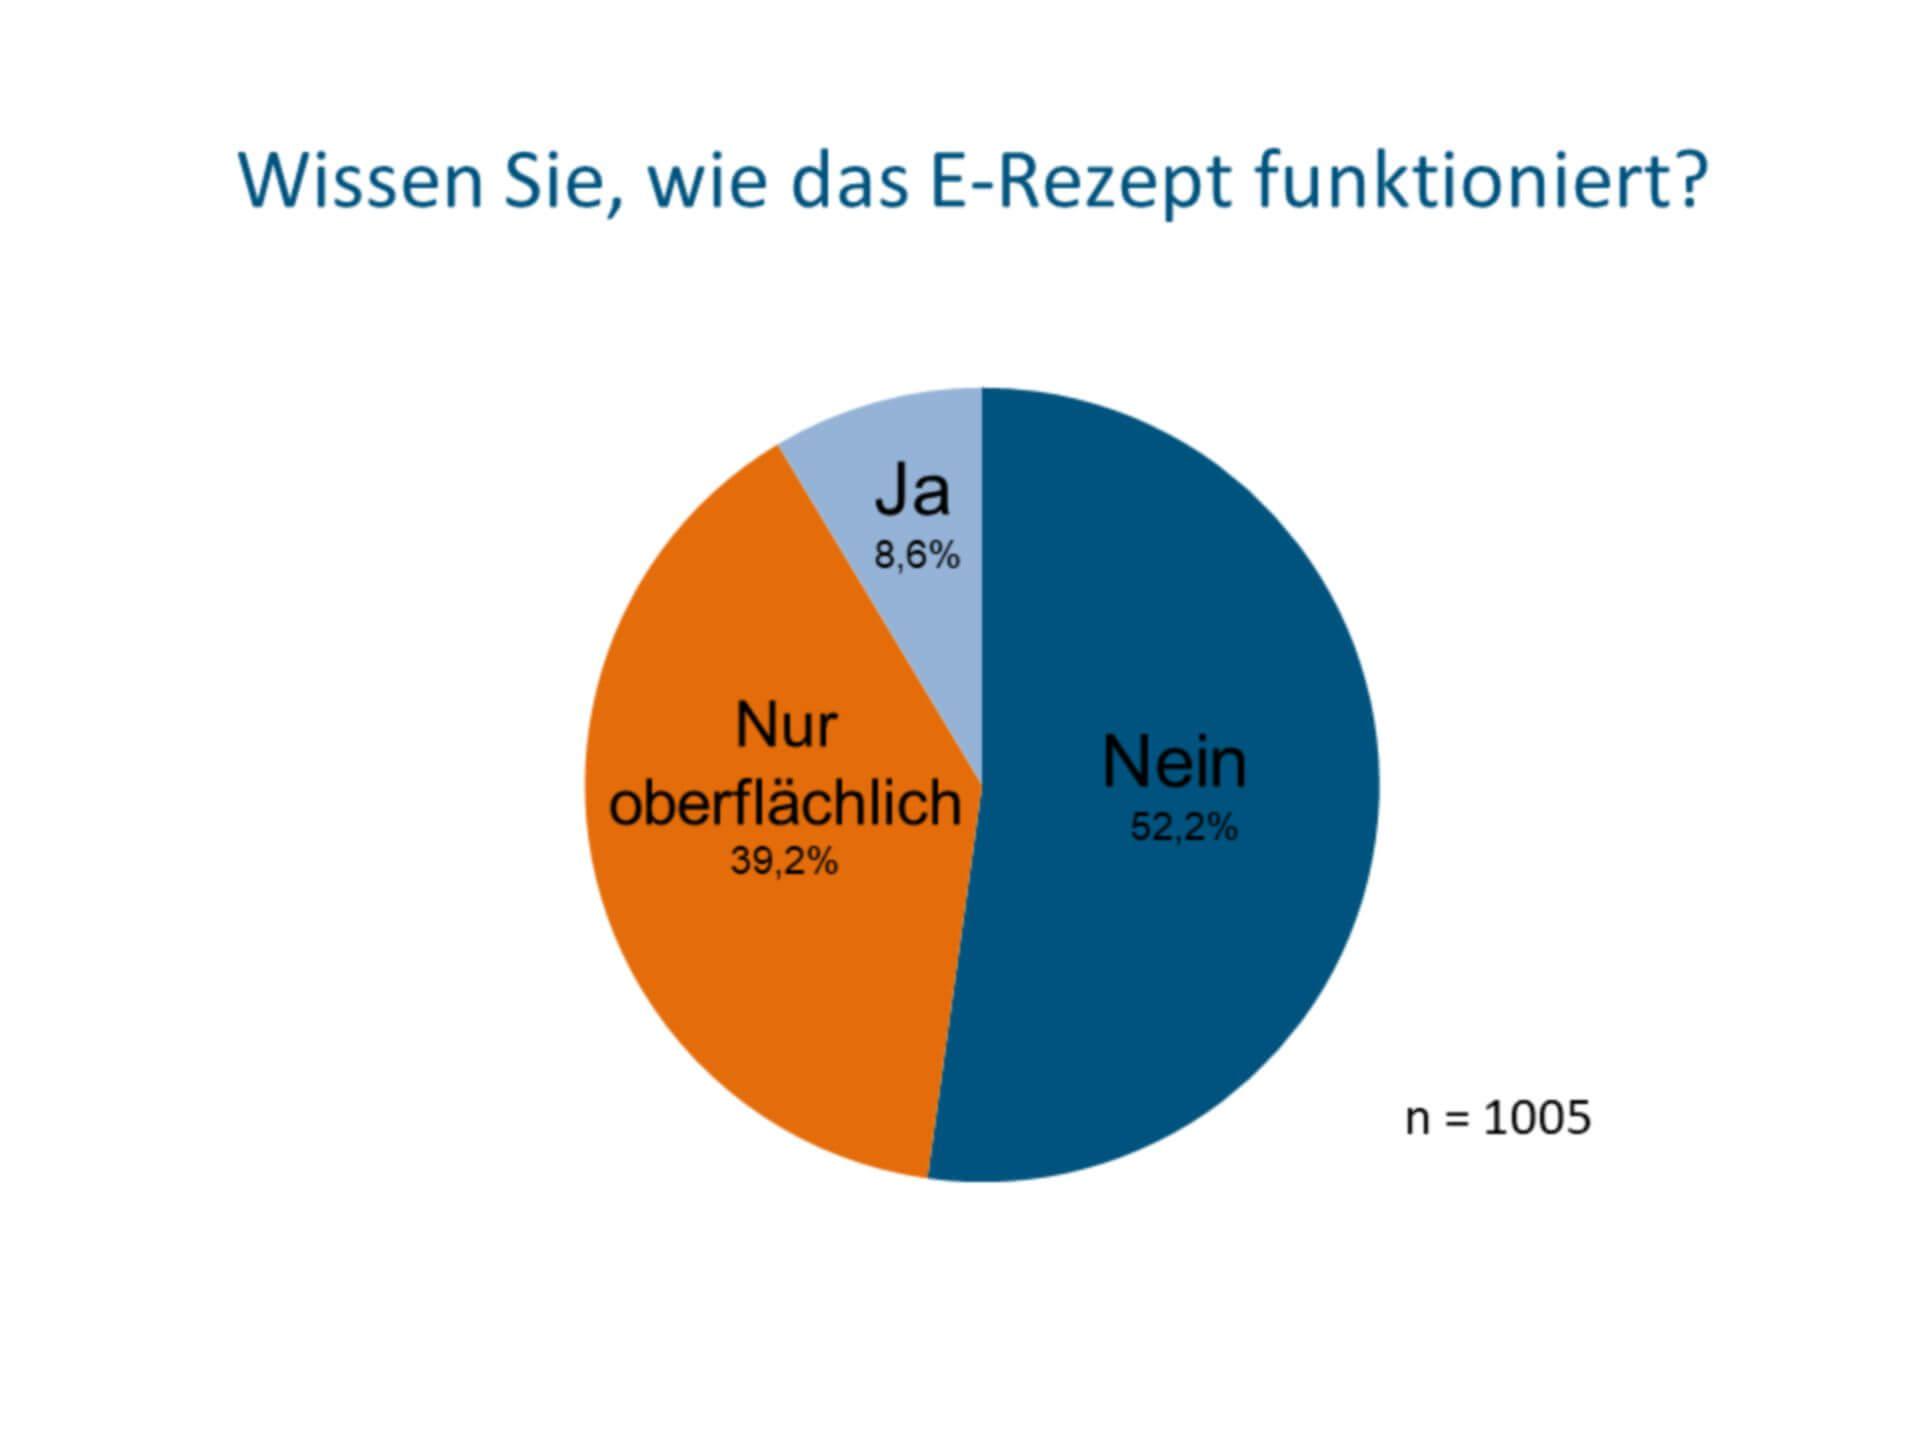 8 von 10 Deutschen wissen nicht oder nur oberflächlich, wie das E-Rezept funktioniert (c) Socialwave